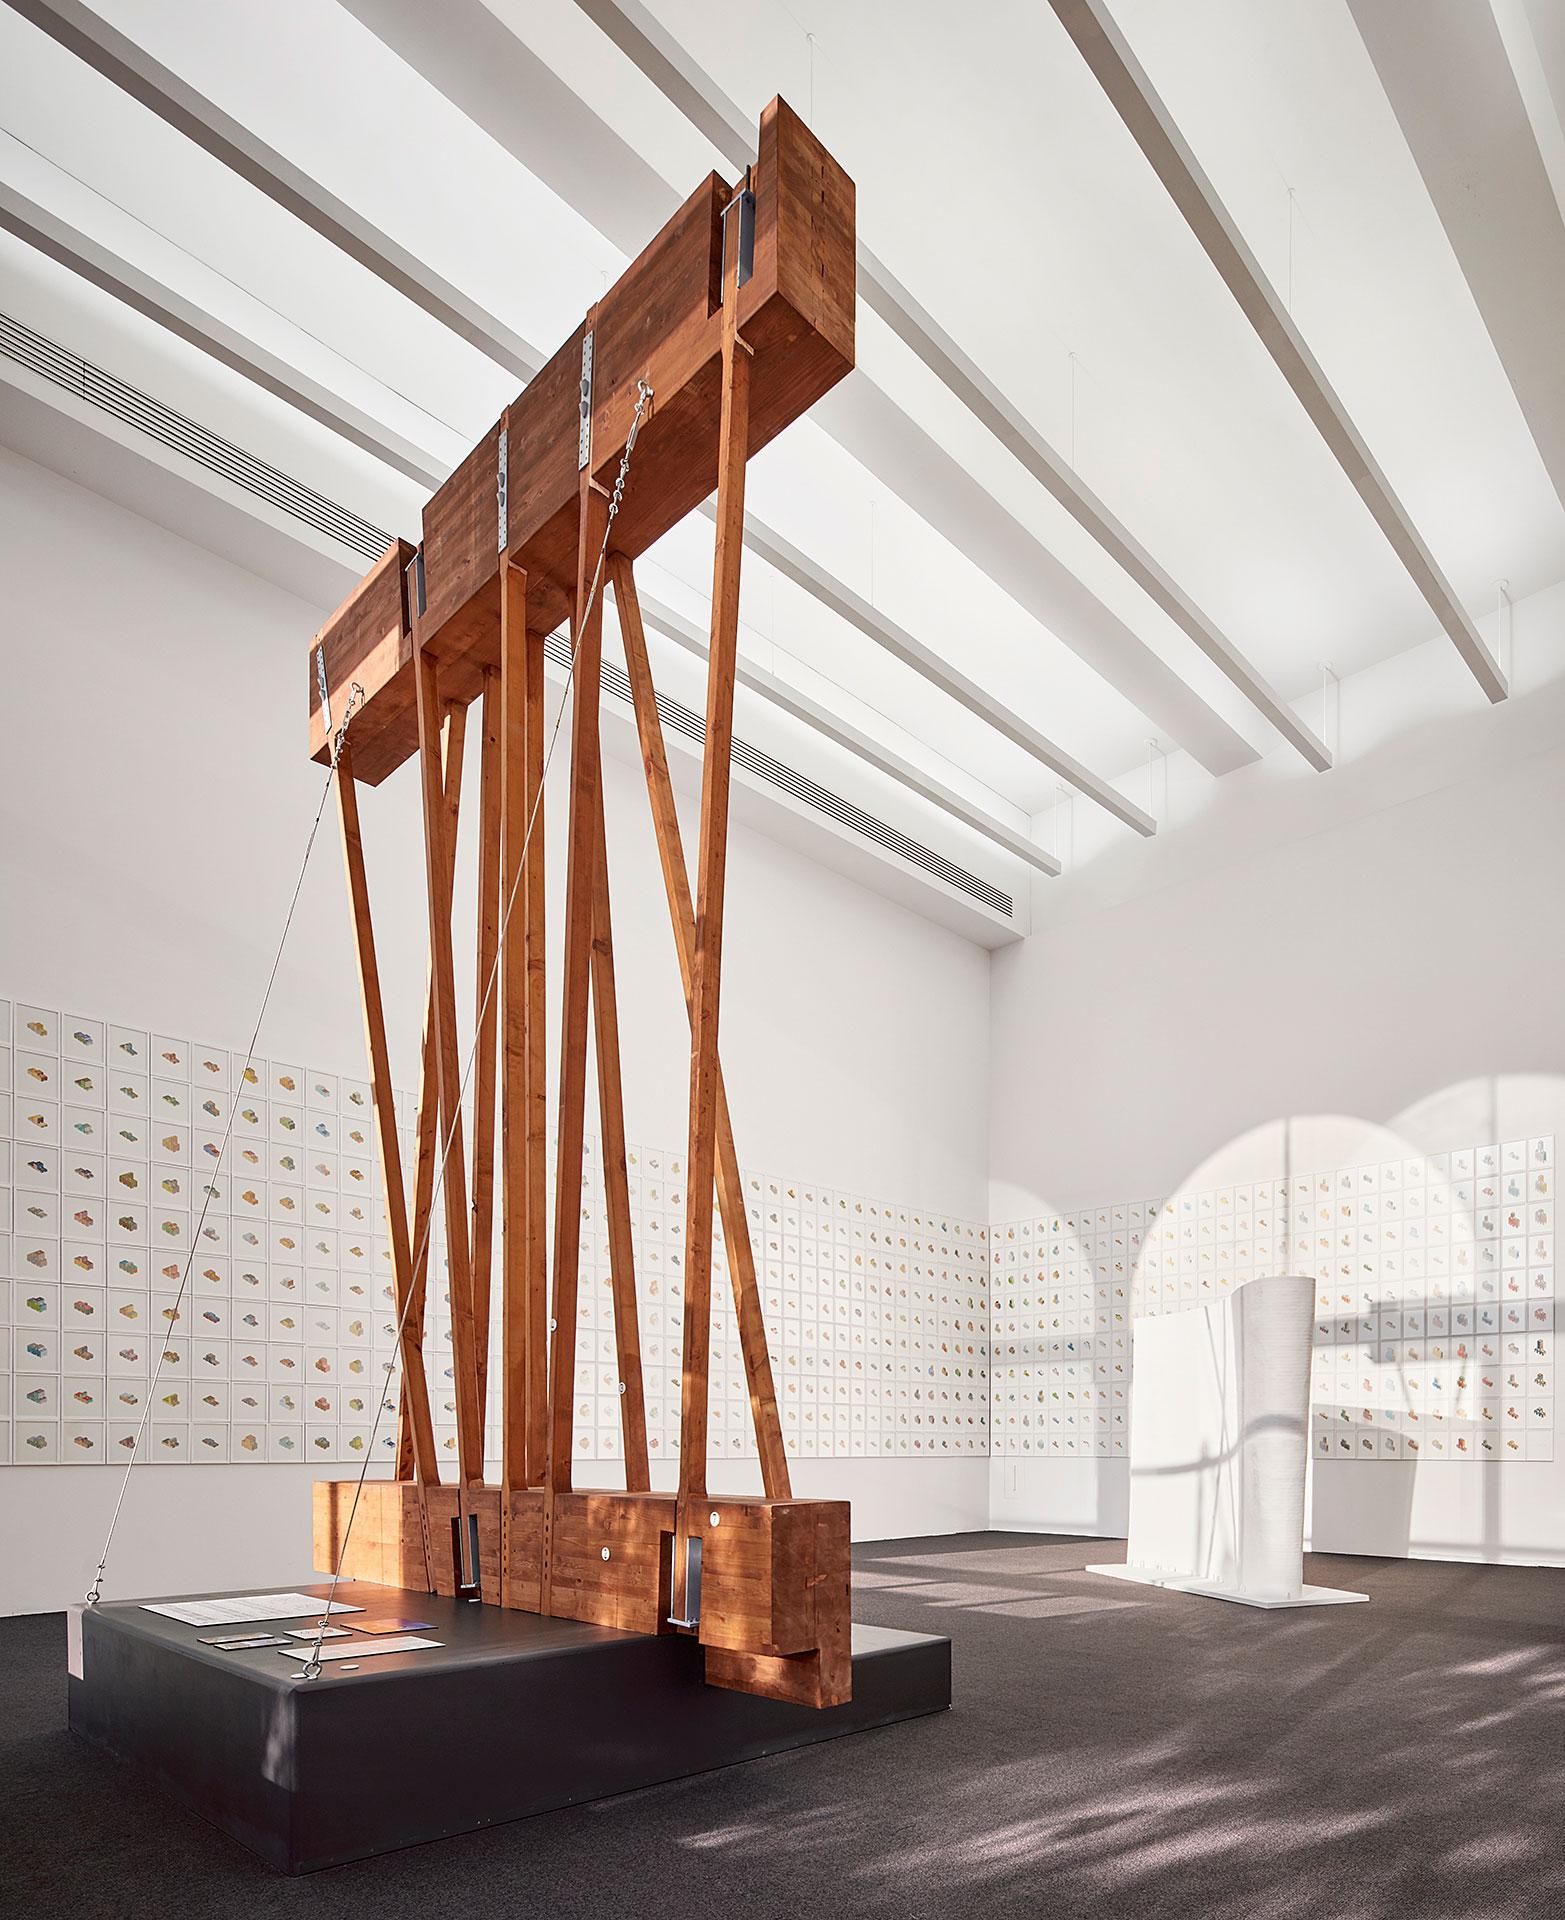 Studio Gang, Material Connections: Writers Theatre, 2017. Fotografía cortesía de Chicago Architecture Biennial / Tom Harris